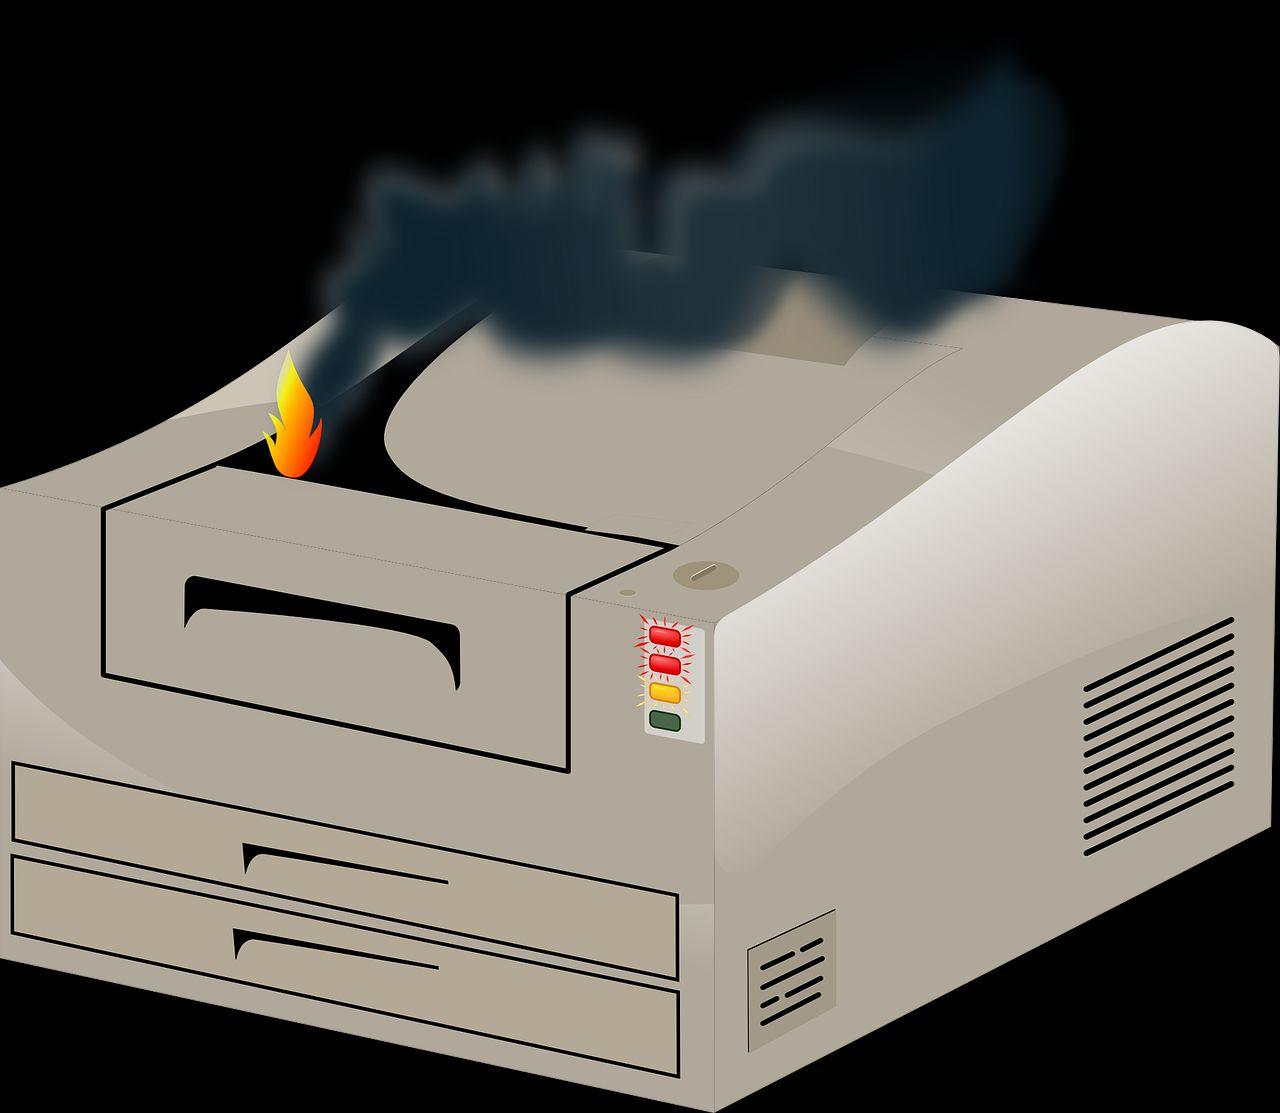 Najczęstsze przyczyny awarii drukarek